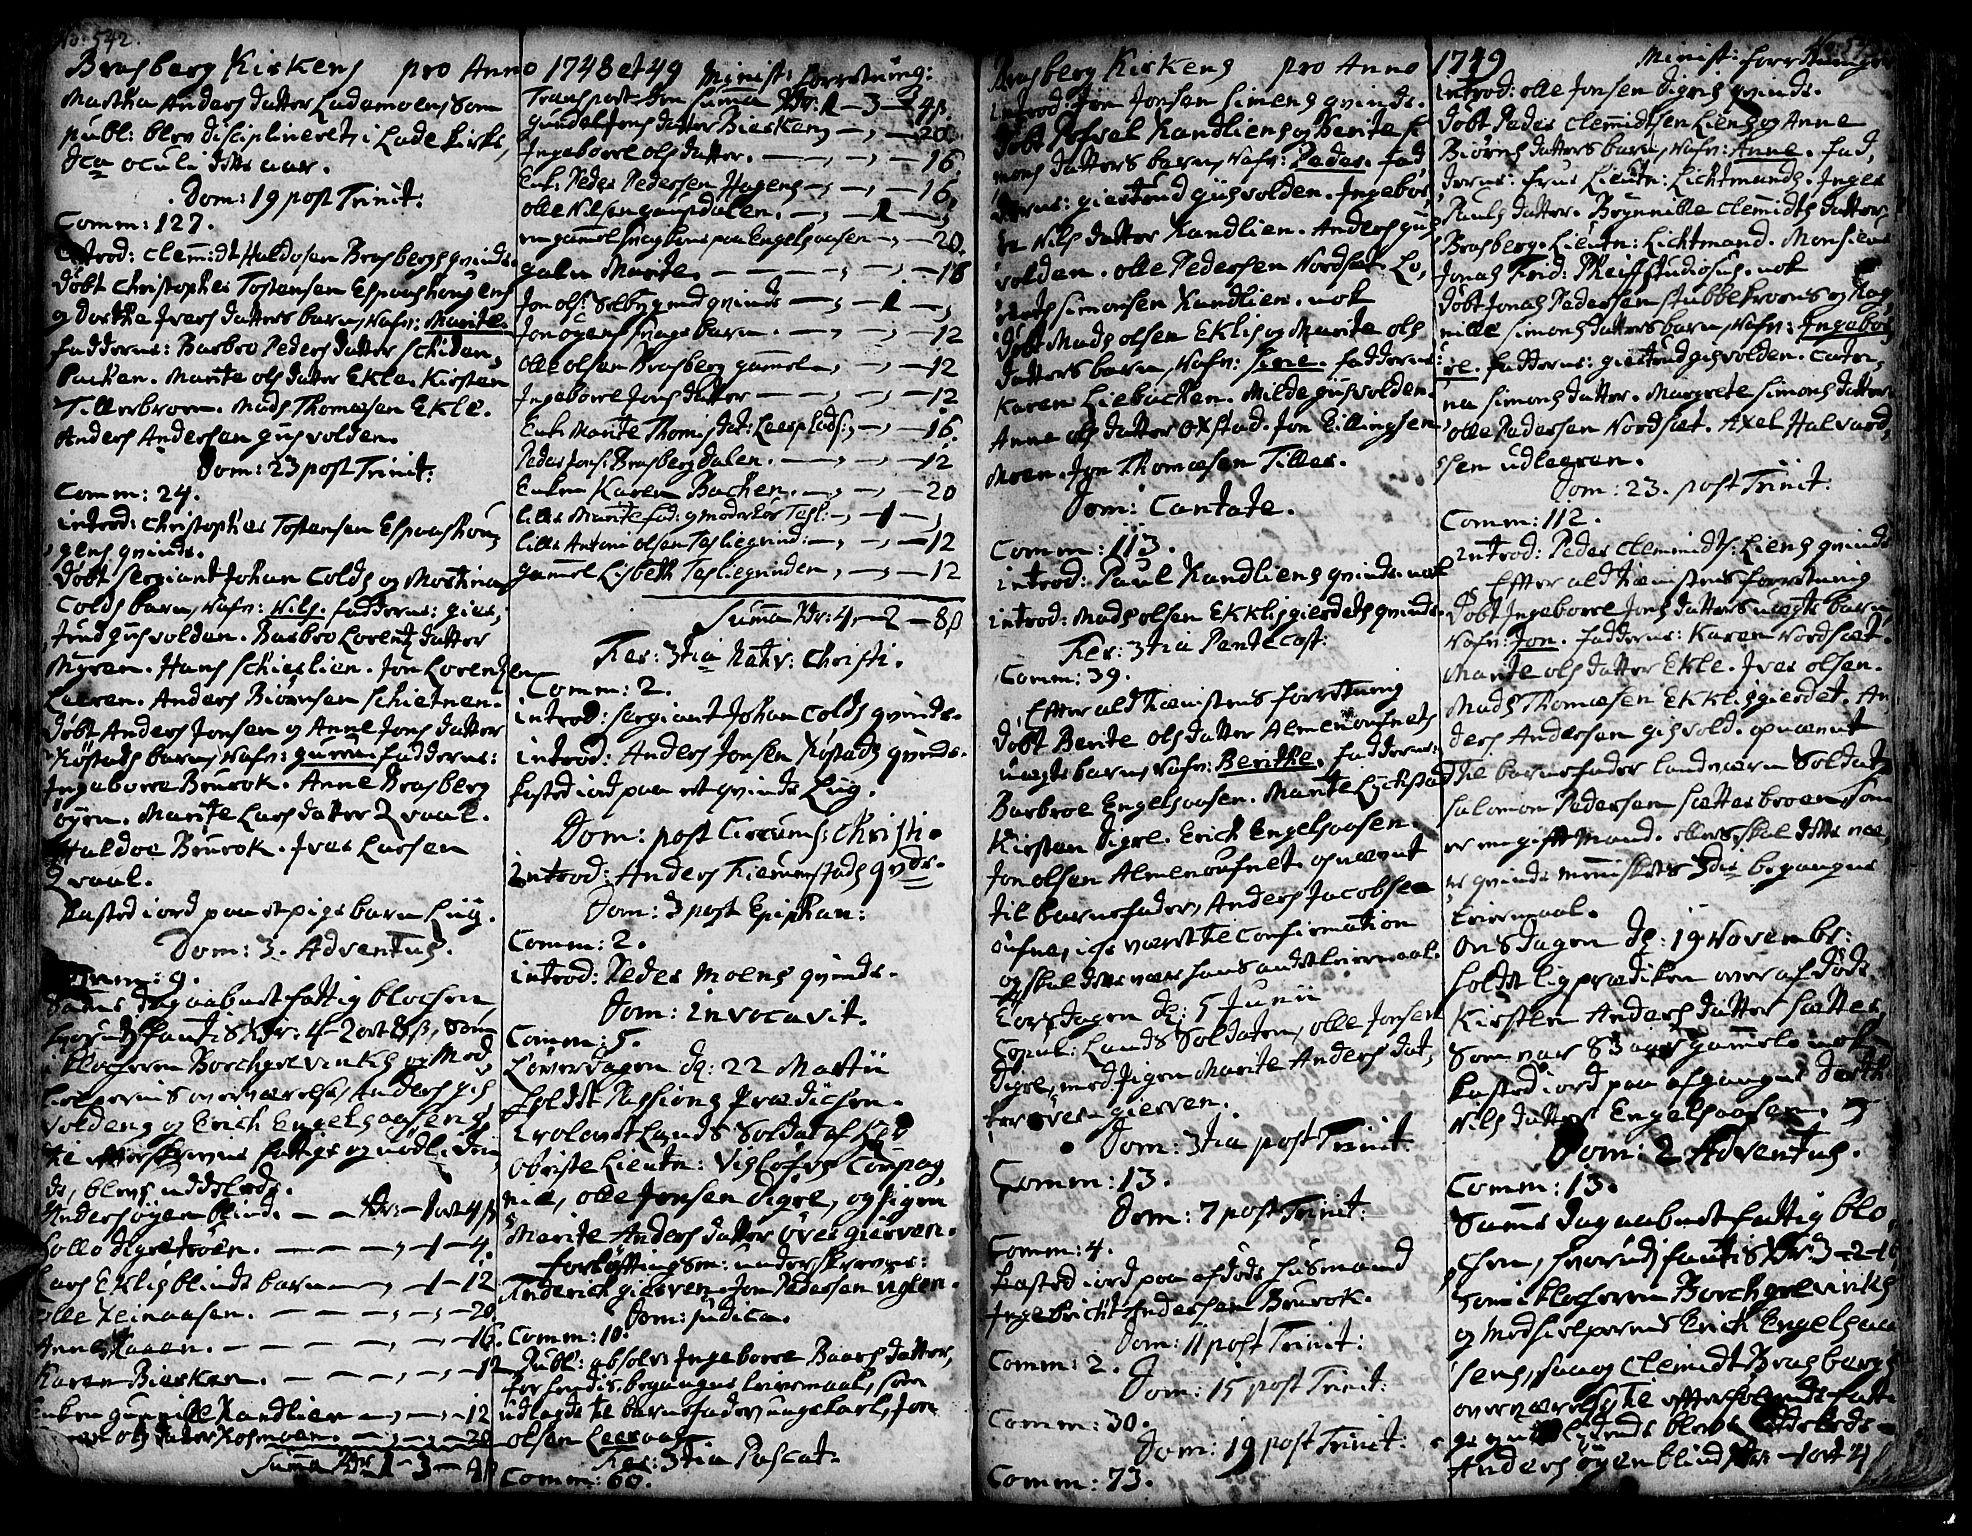 SAT, Ministerialprotokoller, klokkerbøker og fødselsregistre - Sør-Trøndelag, 606/L0278: Ministerialbok nr. 606A01 /4, 1727-1780, s. 542-543